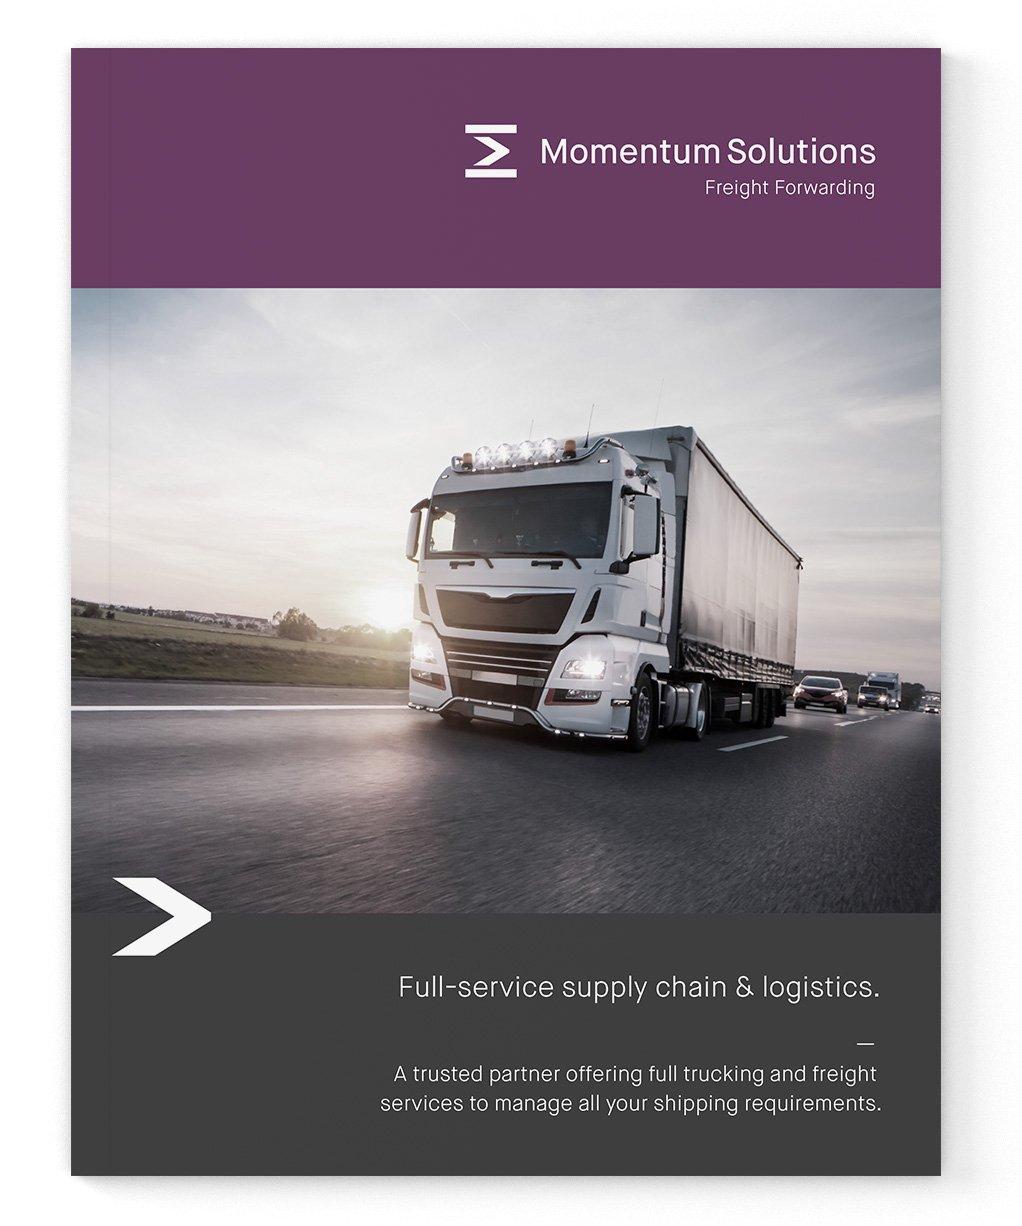 Freight forwarding branding booklet design